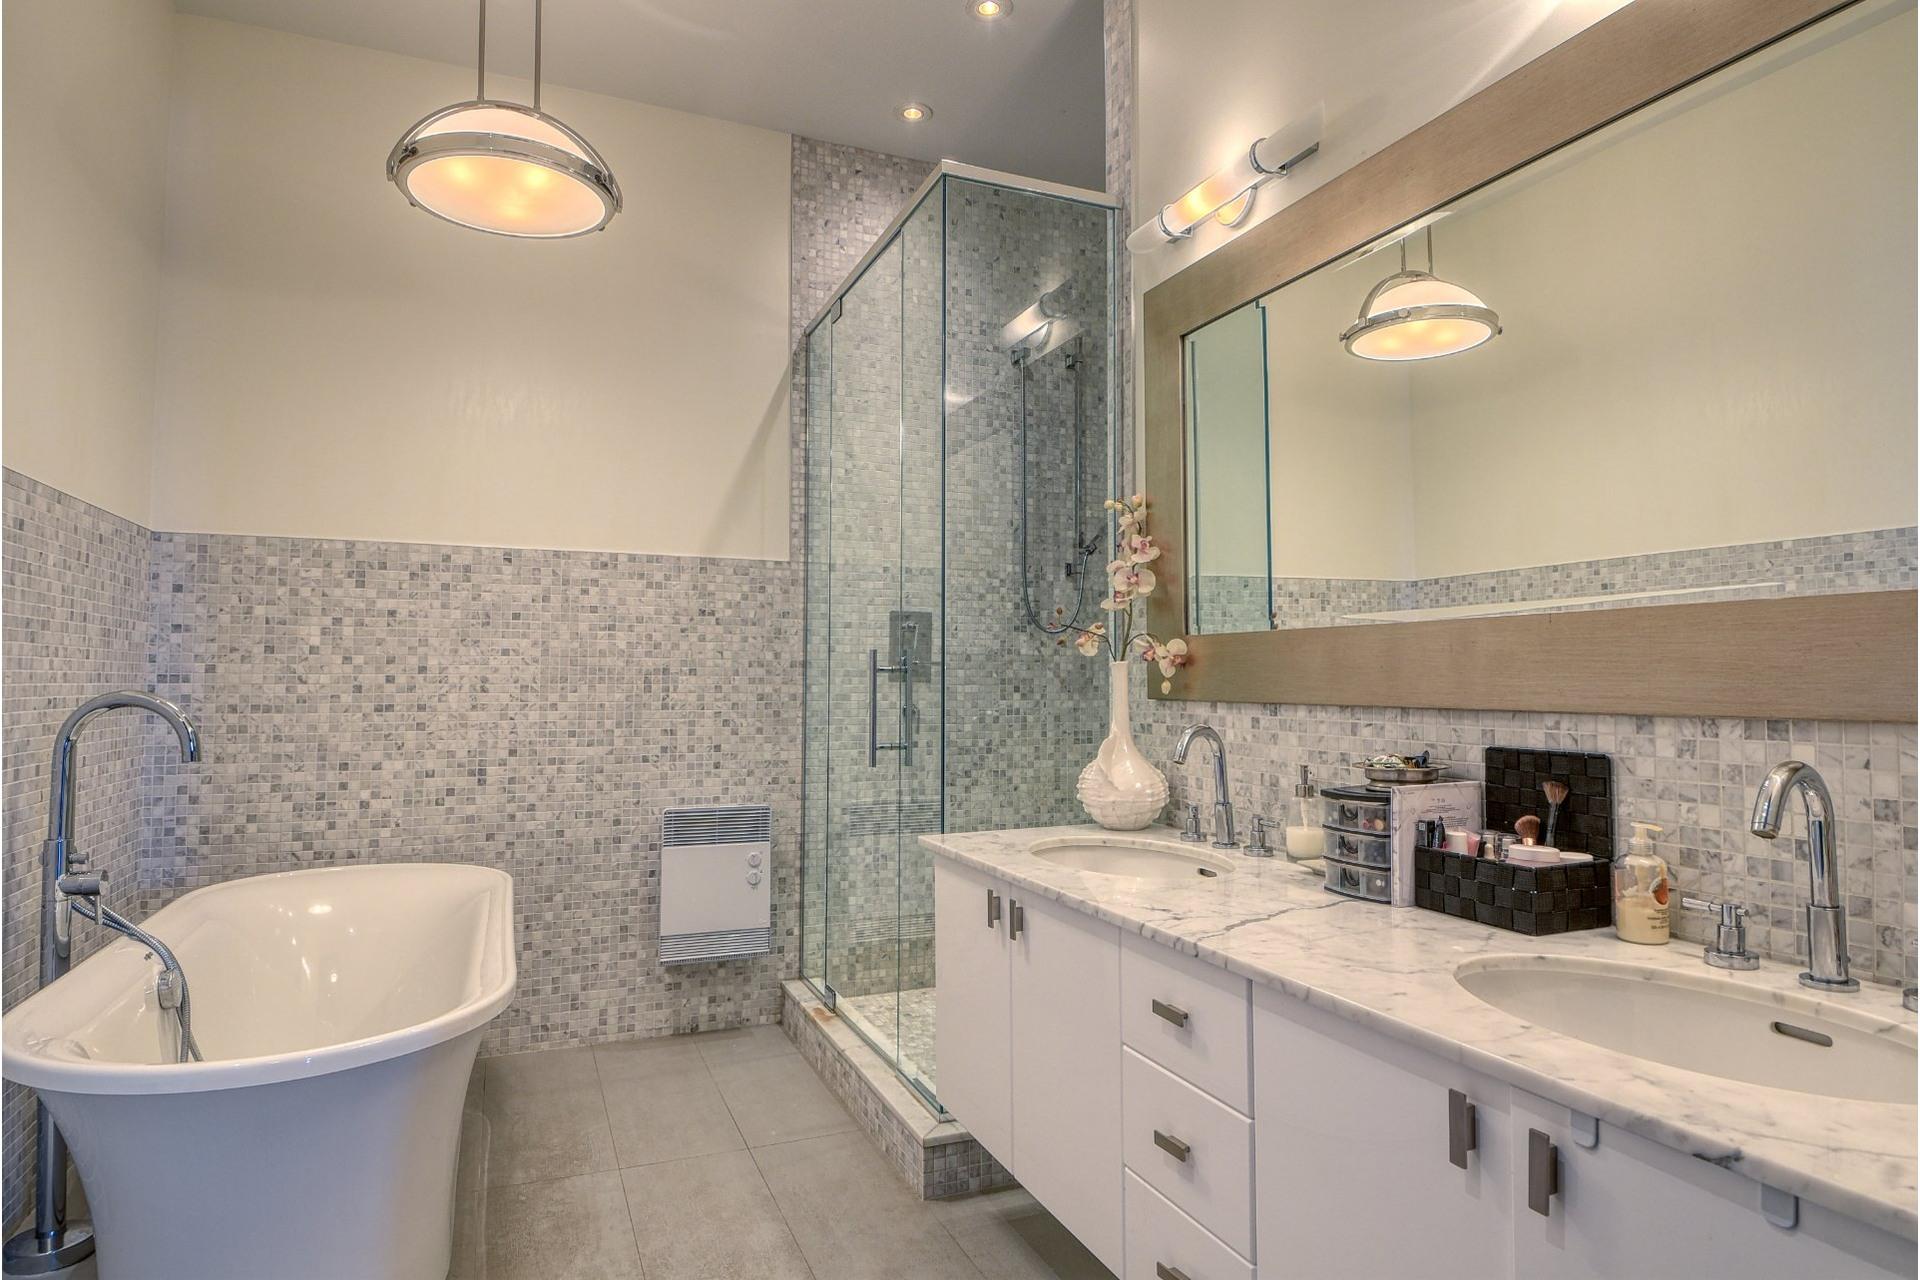 image 10 - Appartement À vendre Lachine Montréal  - 12 pièces